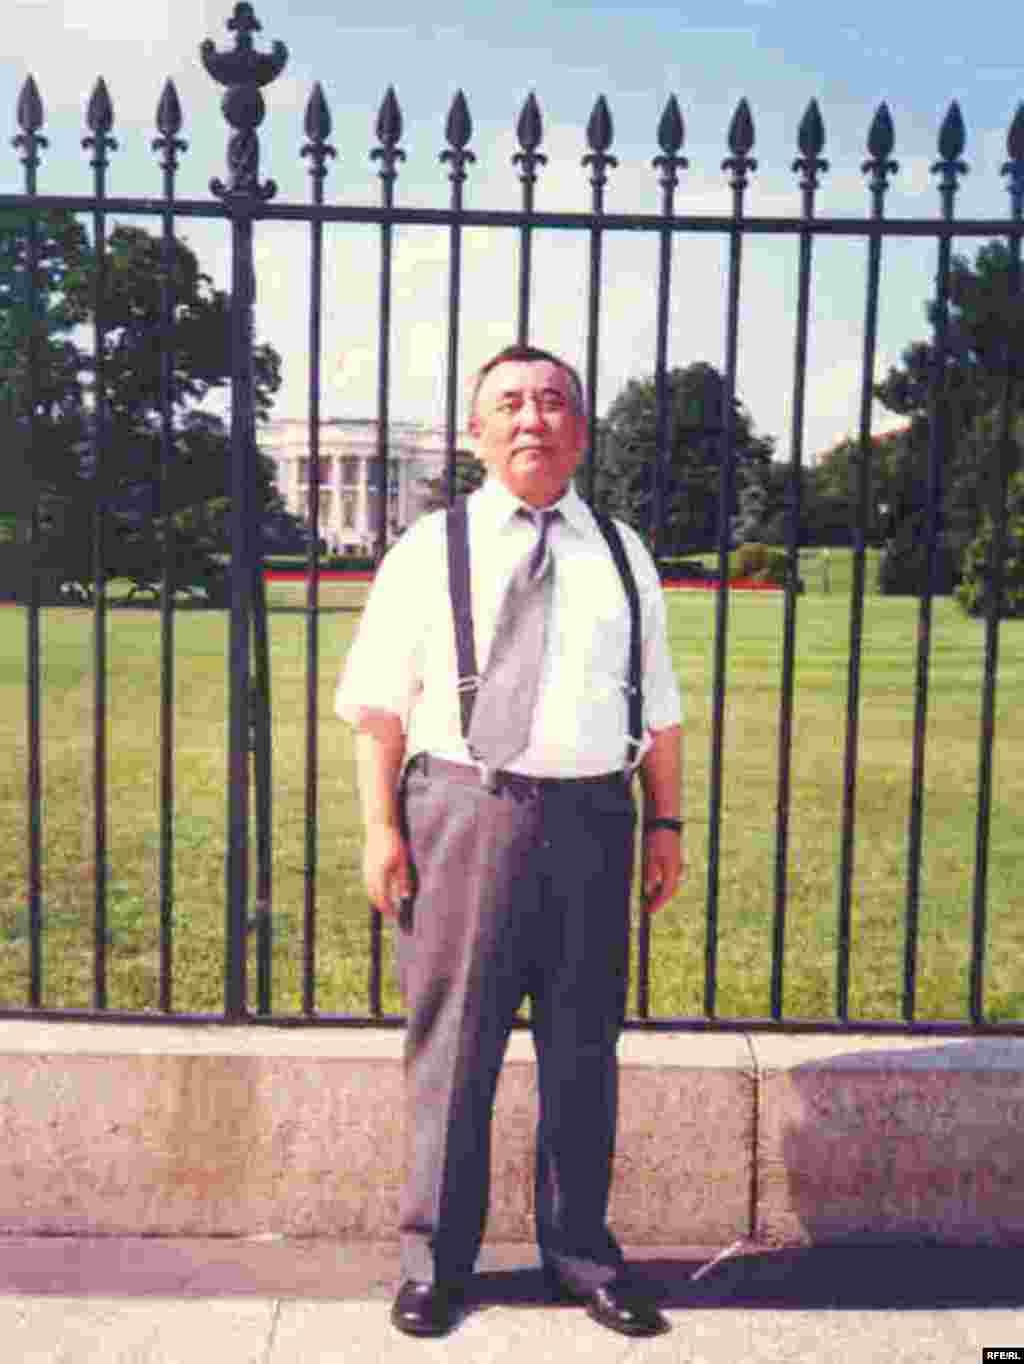 Перед зданием Белого дома в Вашингтоне. - В 2001 году по приглашению Конгресса США Каришал Асанов участвовал в слушании о положении прав человека в странах Центральной Азии.